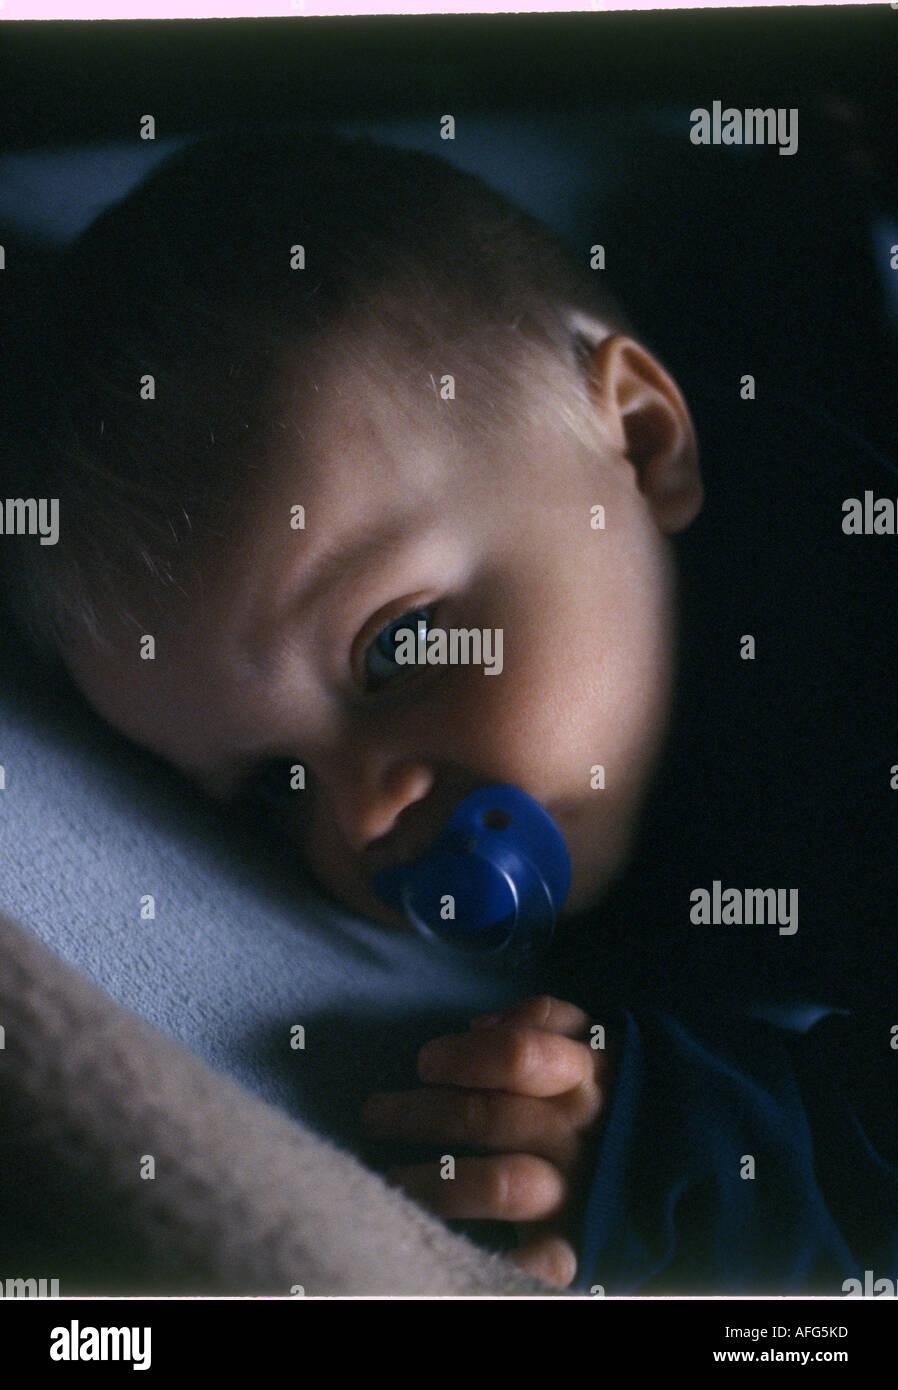 Baby mit Schnuller kurz vorm einschlafen - Stock Image